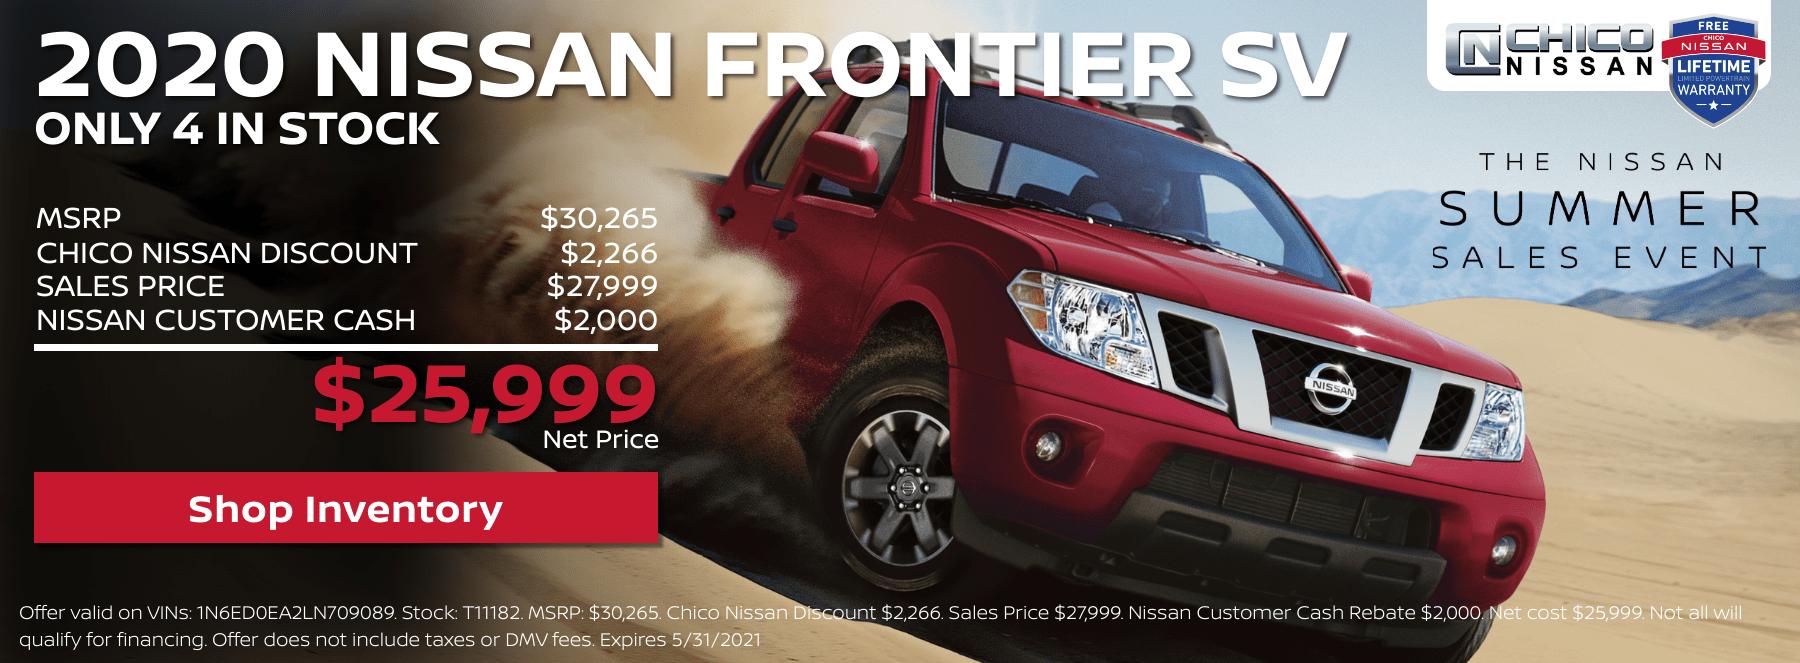 Frontier Discount-1800x663px